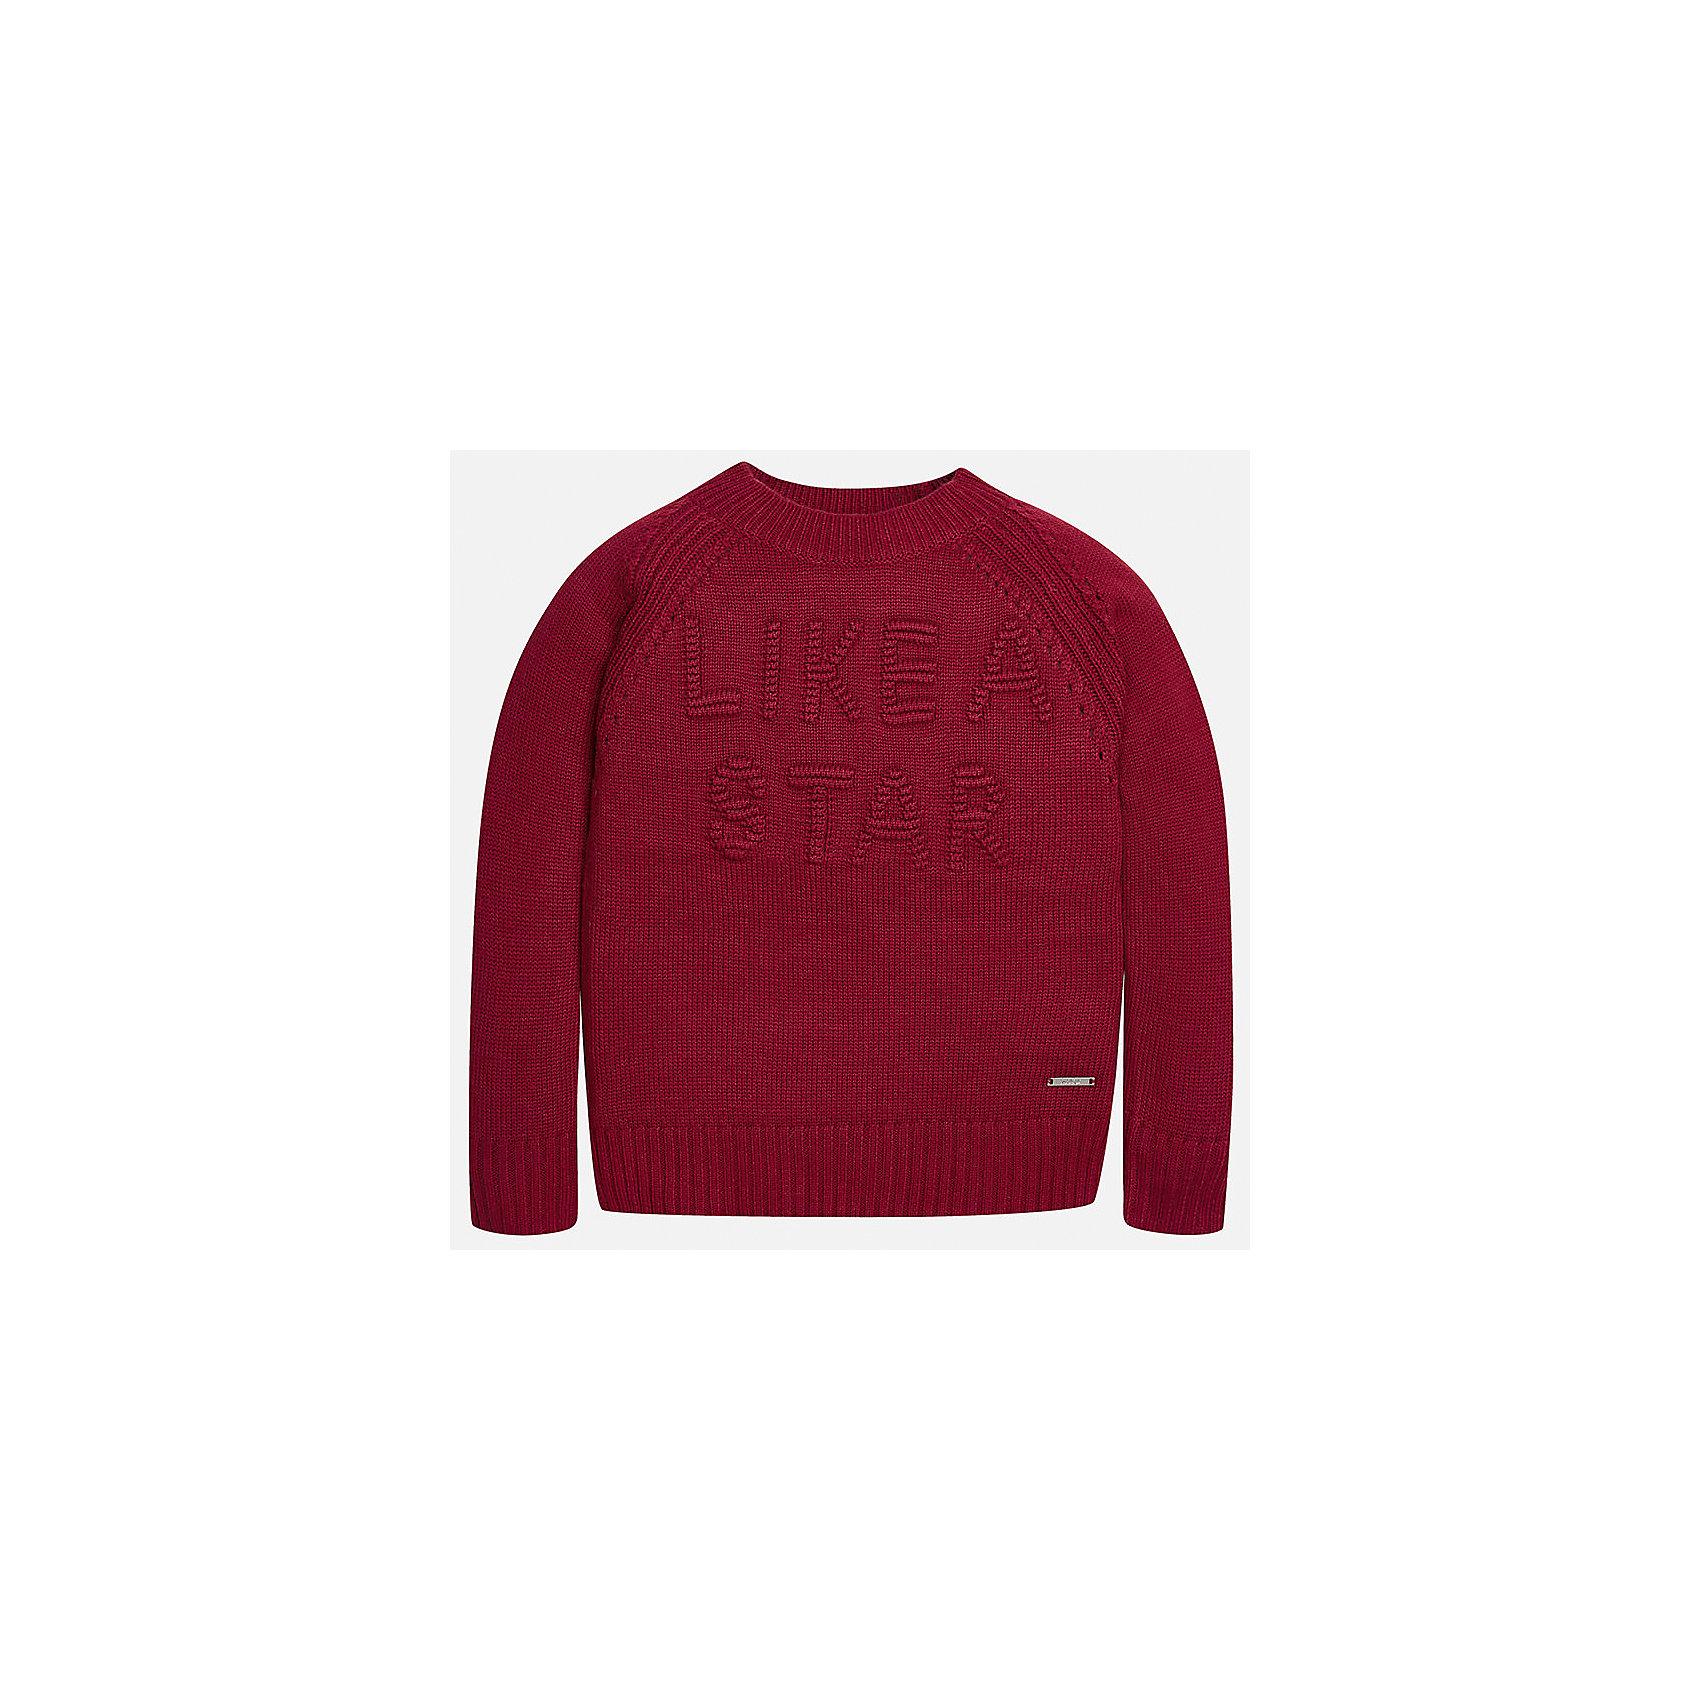 Свитер Mayoral для девочкиСвитера и кардиганы<br>Характеристики товара:<br><br>• цвет: красный<br>• состав ткани: 47% полиамид, 45% акрил, 8% ангора<br>• длинные рукава<br>• сезон: круглый год<br>• манжеты<br>• страна бренда: Испания<br>• страна изготовитель: Индия<br><br>Красный эффектный свитер от известного испанского бренда Mayoral декорирован вязаной надписью. Детский свитер сделан из качественной пряжи.<br><br>Для производства детской одежды популярный бренд Mayoral используют только качественную фурнитуру и материалы. Оригинальные и модные вещи от Майорал неизменно привлекают внимание и нравятся детям.<br><br>Свитер для девочки Mayoral (Майорал) можно купить в нашем интернет-магазине.<br><br>Ширина мм: 190<br>Глубина мм: 74<br>Высота мм: 229<br>Вес г: 236<br>Цвет: красный<br>Возраст от месяцев: 156<br>Возраст до месяцев: 168<br>Пол: Женский<br>Возраст: Детский<br>Размер: 164,170,152,140,128/134,158<br>SKU: 6921753